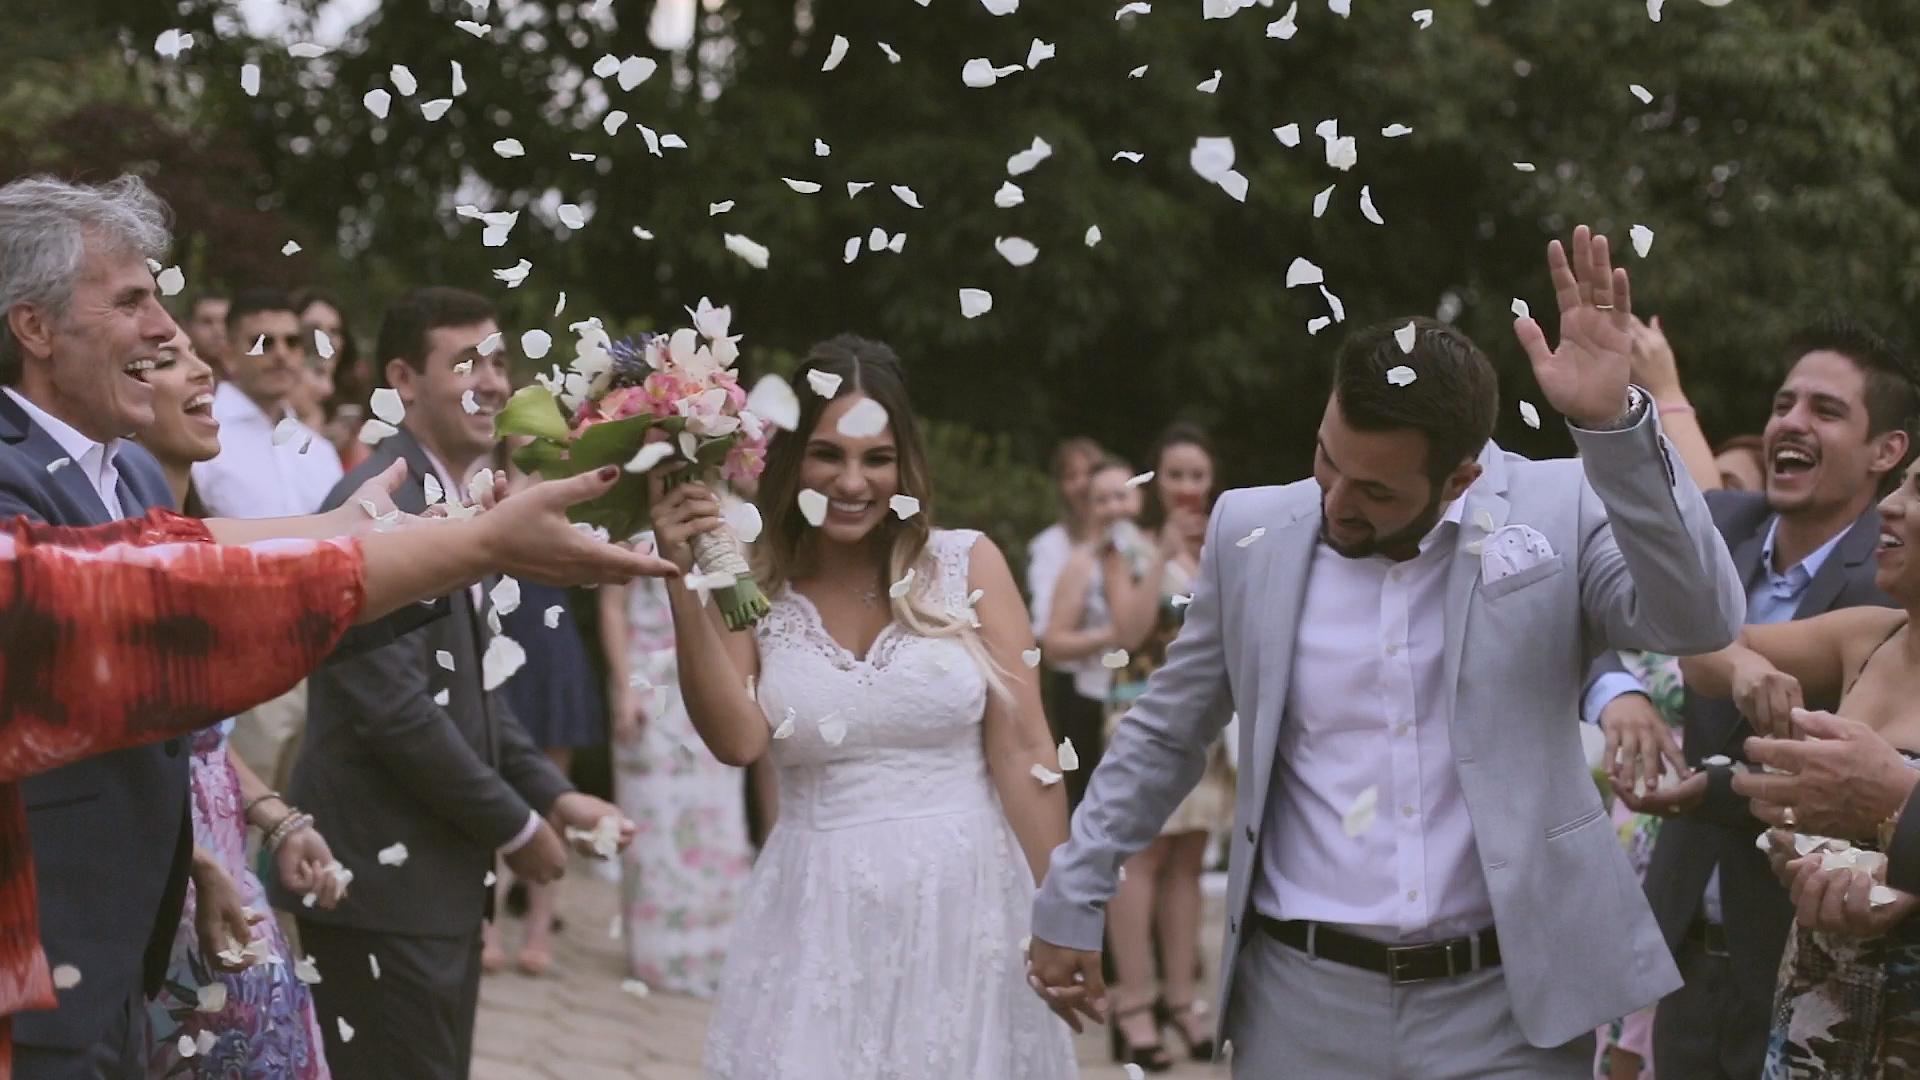 Contate HRT Filmes - Produtora especializada em Filmagem de Casamentos pelo MUNDO.